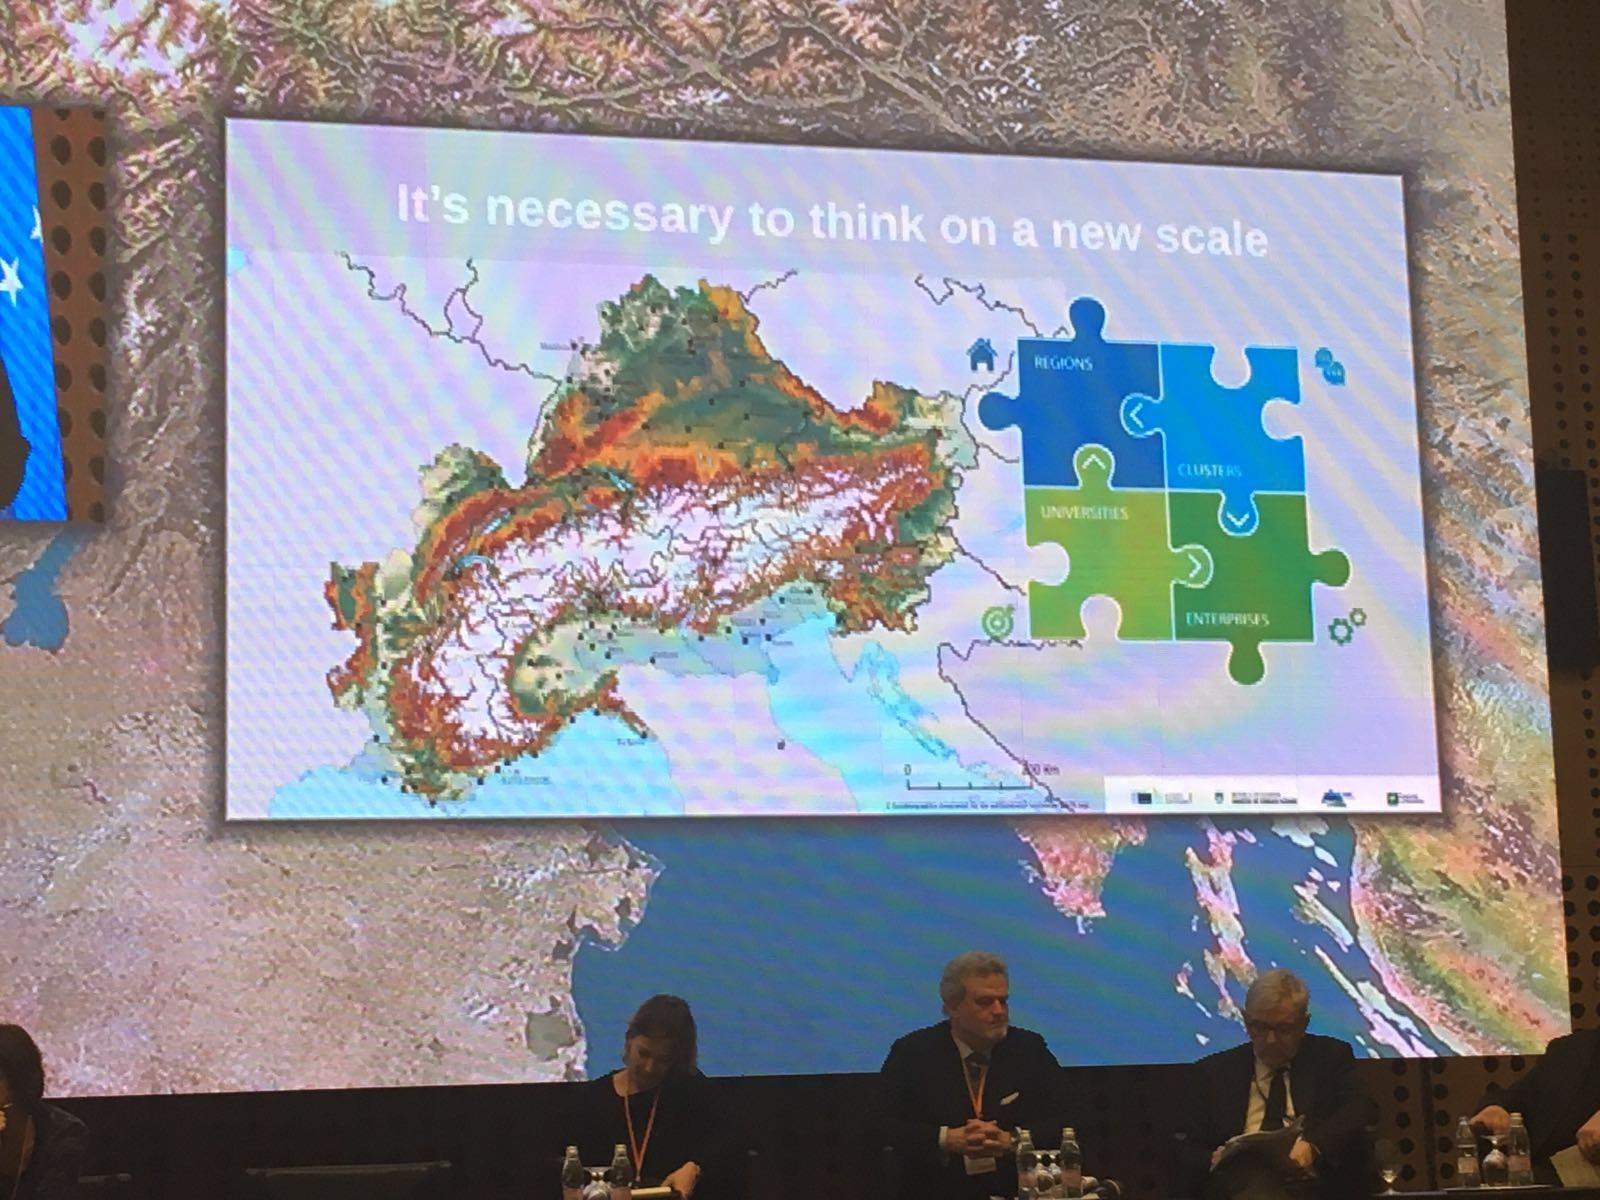 http://www.confindustria.lombardia.it/comunicazione/comunicati-stampa-e-dichiarazioni/conferenza-di-lancio-della-strategia-ue-per-la-macroregione-alpina-eusalp/img-20160126-wa0006.jpg/image